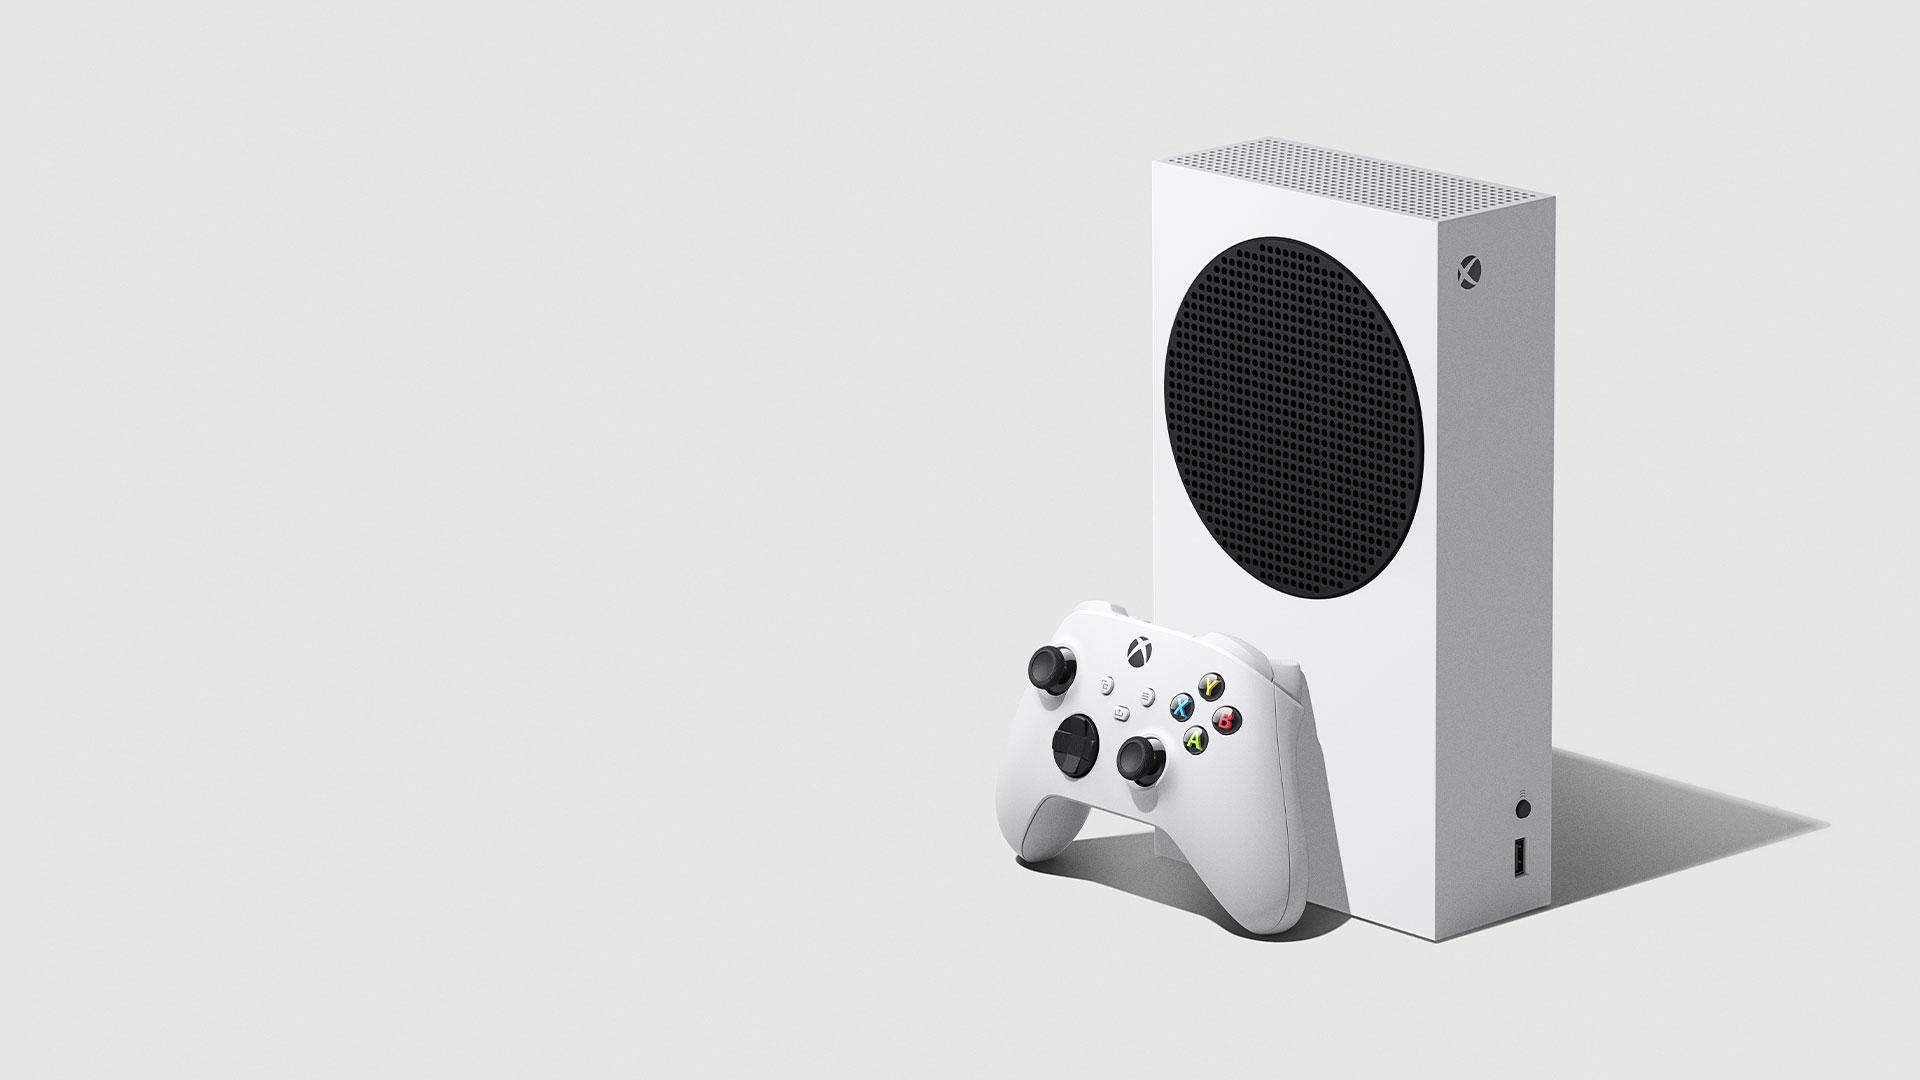 Для игр и приложений в Xbox Series S у вас будет 364 ГБ свободной памяти